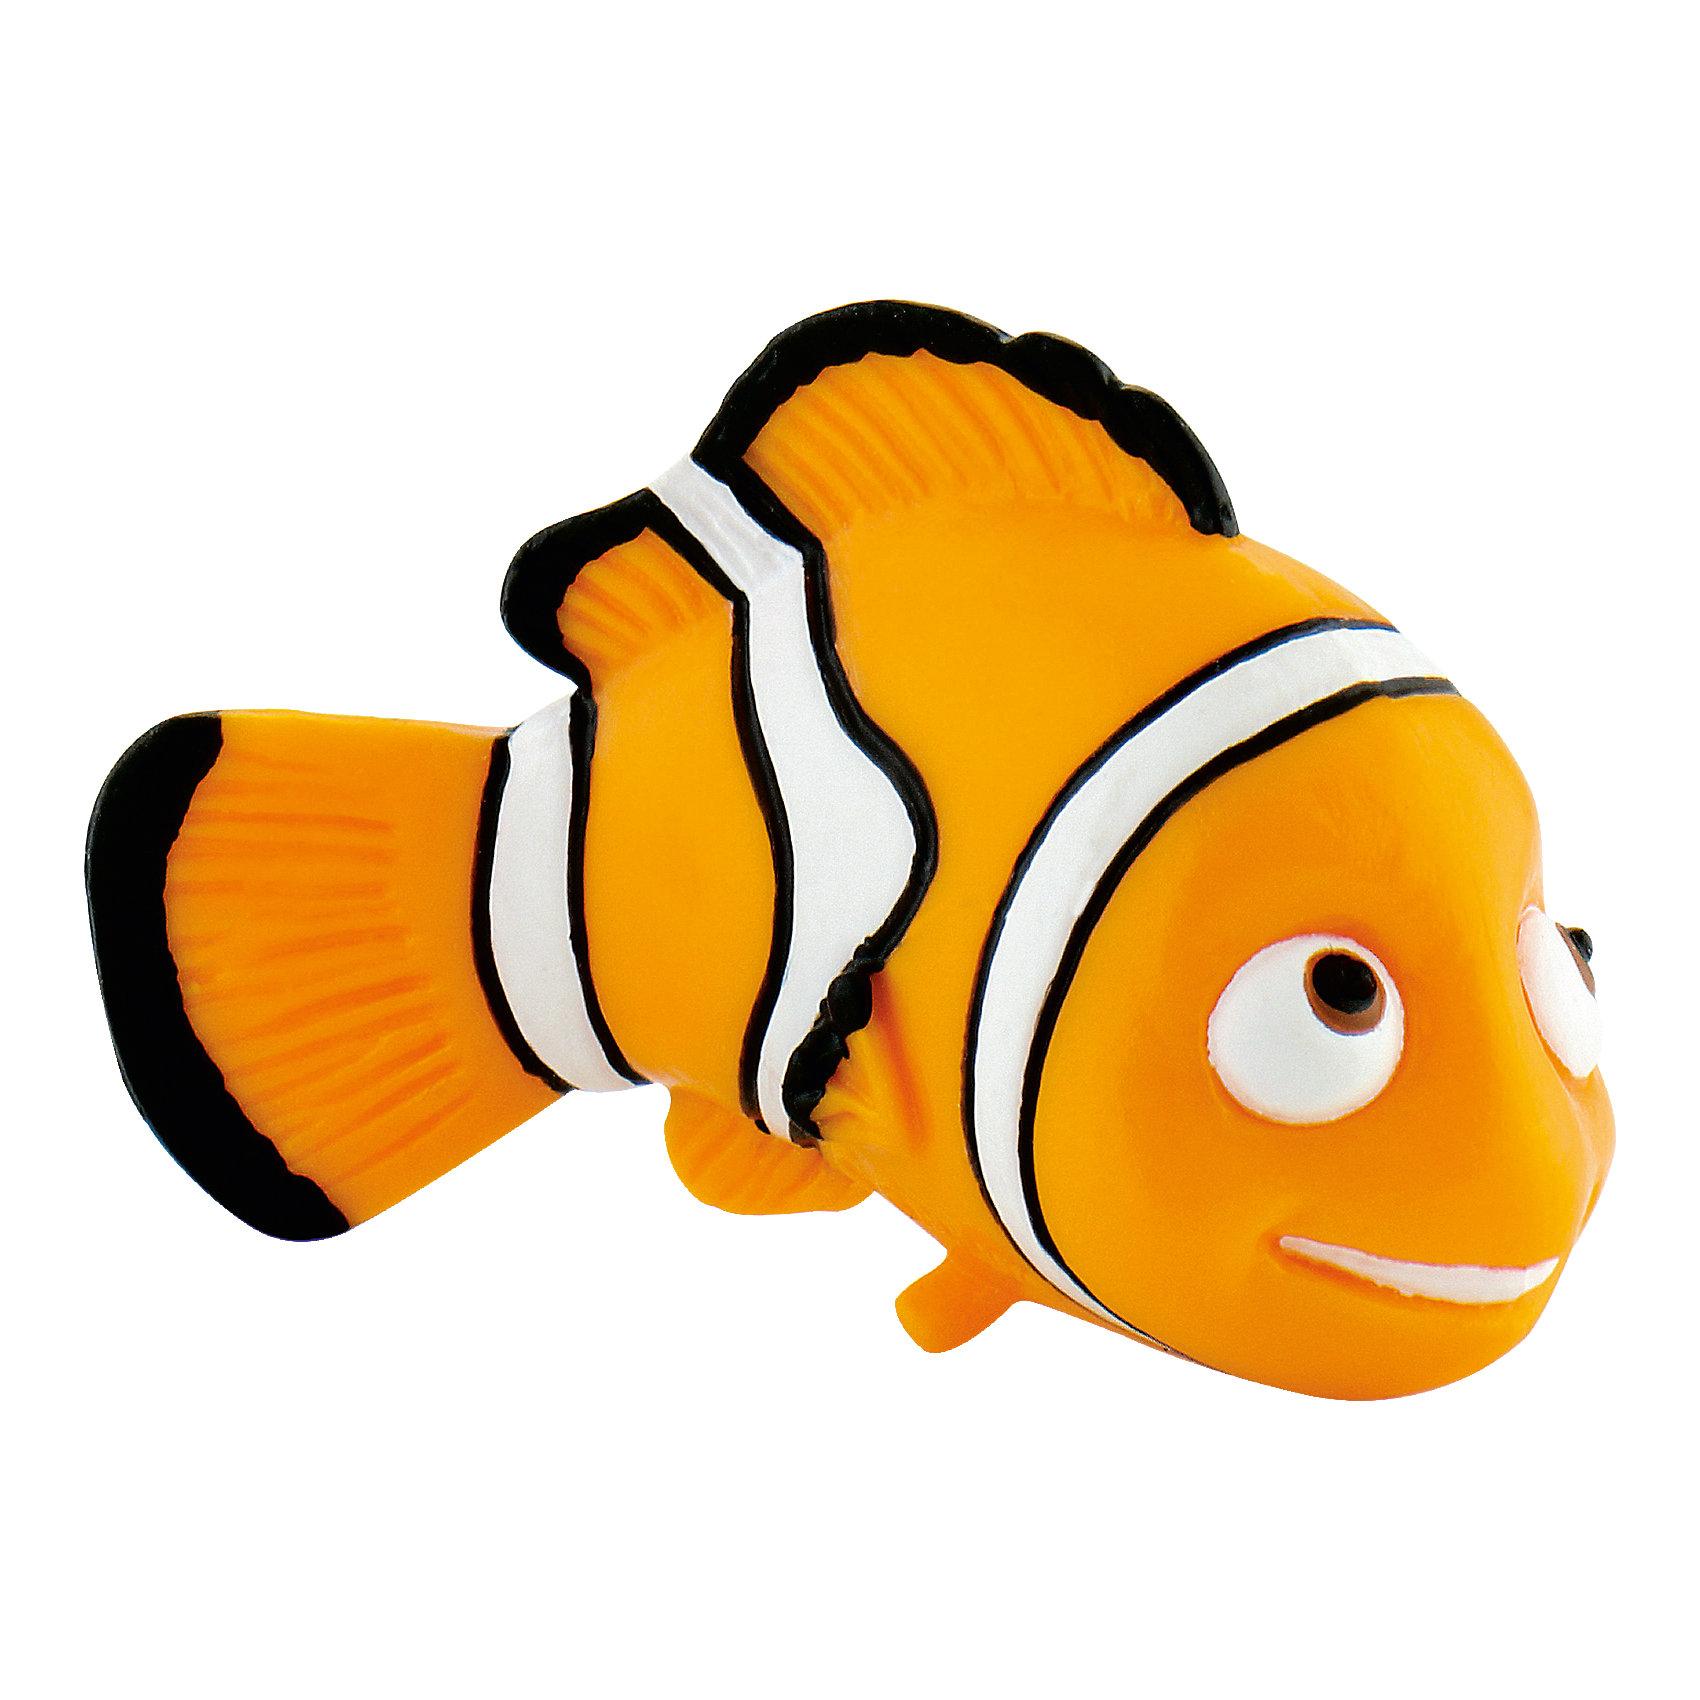 Фигурка Немо,  DisneyФигурка рыбки-клоуна Немо из мультфильма «В поисках Немо». Непослушный и своевольный малыш Немо попадает в аквариум и заводит новых друзей. Его ждут невероятные приключения и незабываемые встречи. Добрый и обаятельный Немо очень нравится детям, он станет другом вашего малыша. Фигурка рыбки-клоуна полностью соответствует герою мультфильма. Игрушка выполнена из высококачественных, нетоксичных материалов и безопасна для детей. <br><br>Дополнительная информация:<br><br>Размер:5,5см <br>Материал: термопластичный каучук высокого качества. <br> <br>Фигурку Немо,  Disney можно купить в нашем магазине.<br><br>Ширина мм: 65<br>Глубина мм: 53<br>Высота мм: 27<br>Вес г: 13<br>Возраст от месяцев: 36<br>Возраст до месяцев: 96<br>Пол: Женский<br>Возраст: Детский<br>SKU: 1985050